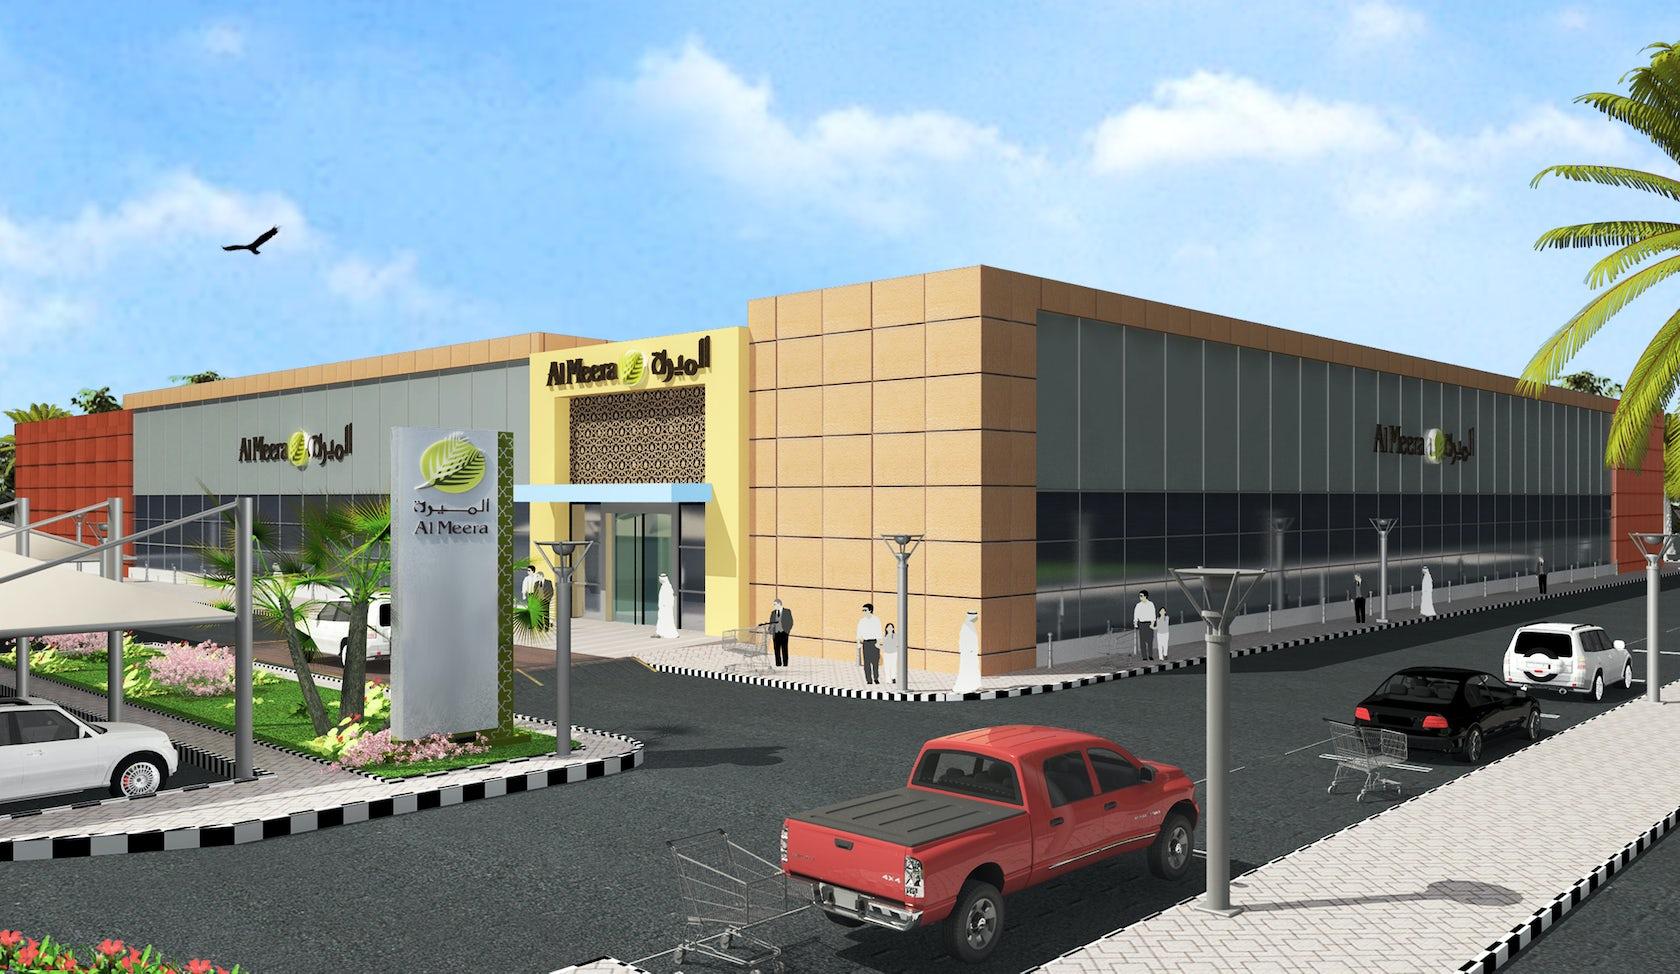 Nespak qatar architizer for Architecture firms in qatar